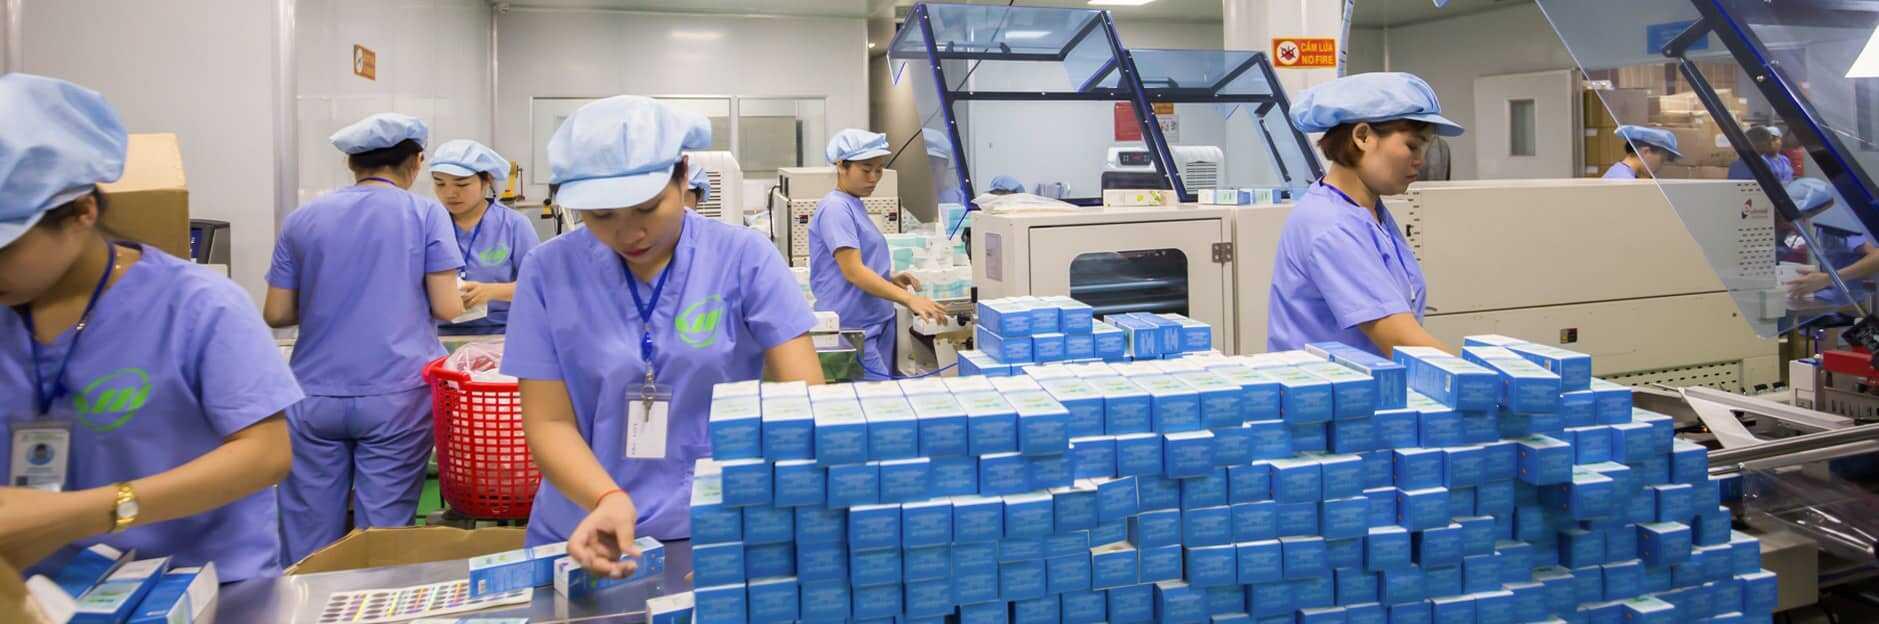 Việc tuân thủ ISO 22716 giúp giảm thiểu rủi ro trong quá trình sản xuất